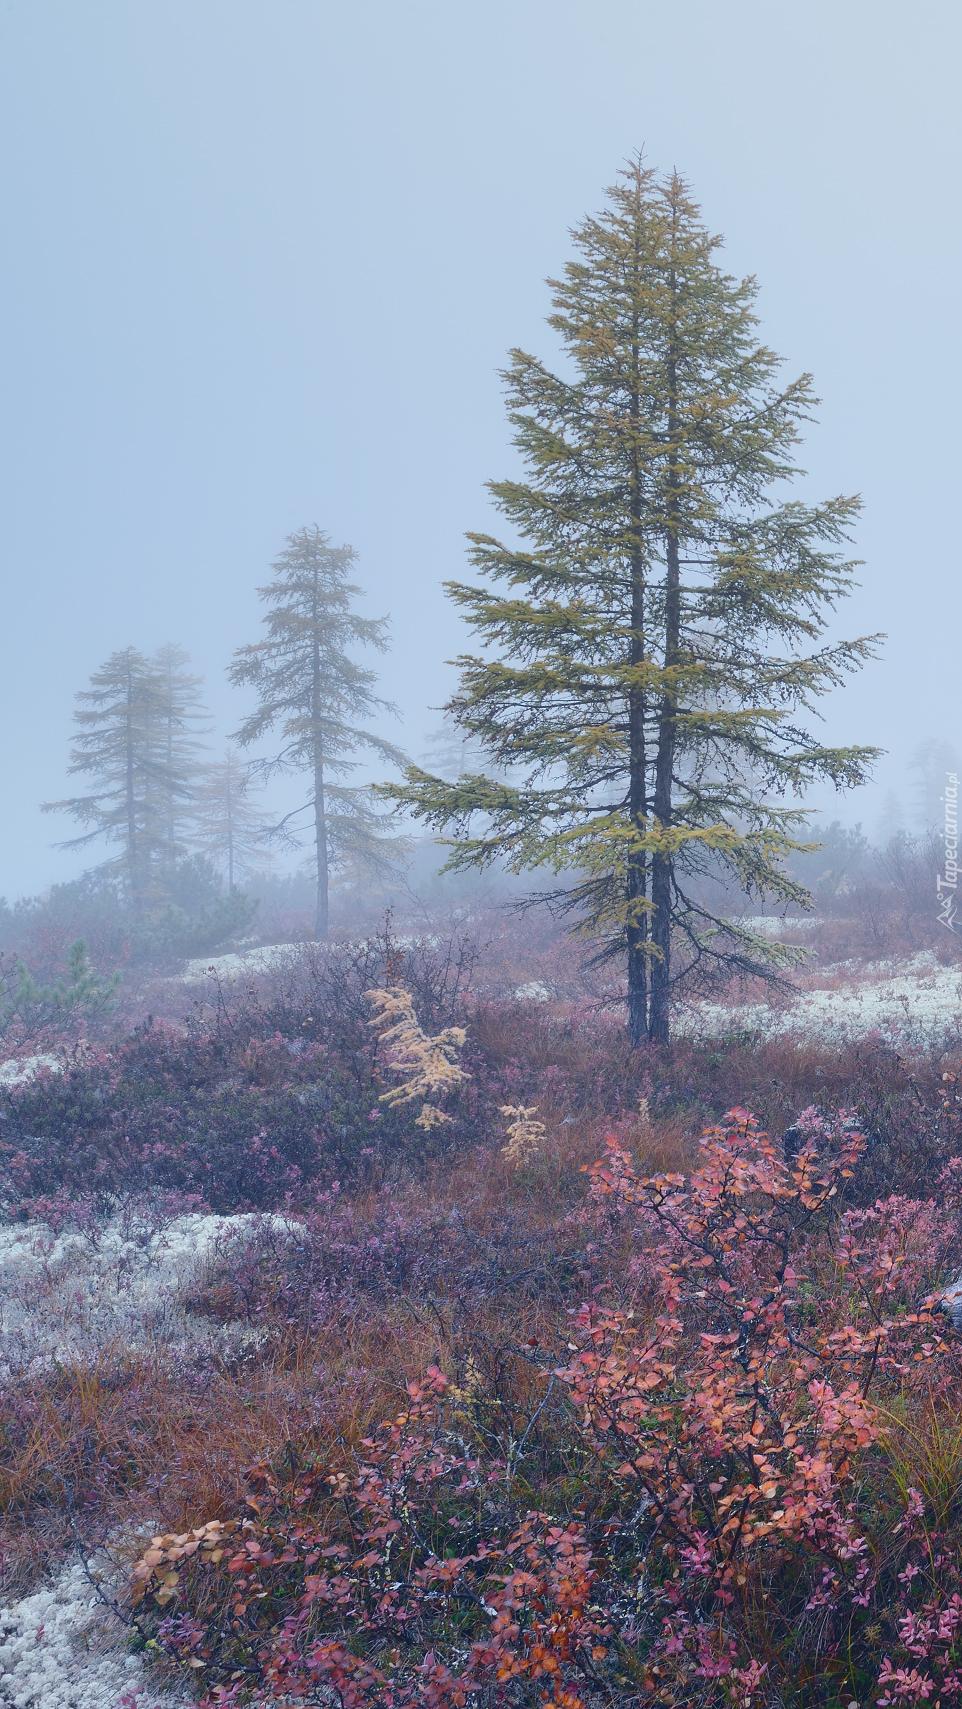 Drzewa i kolorowa roślinność we mgle